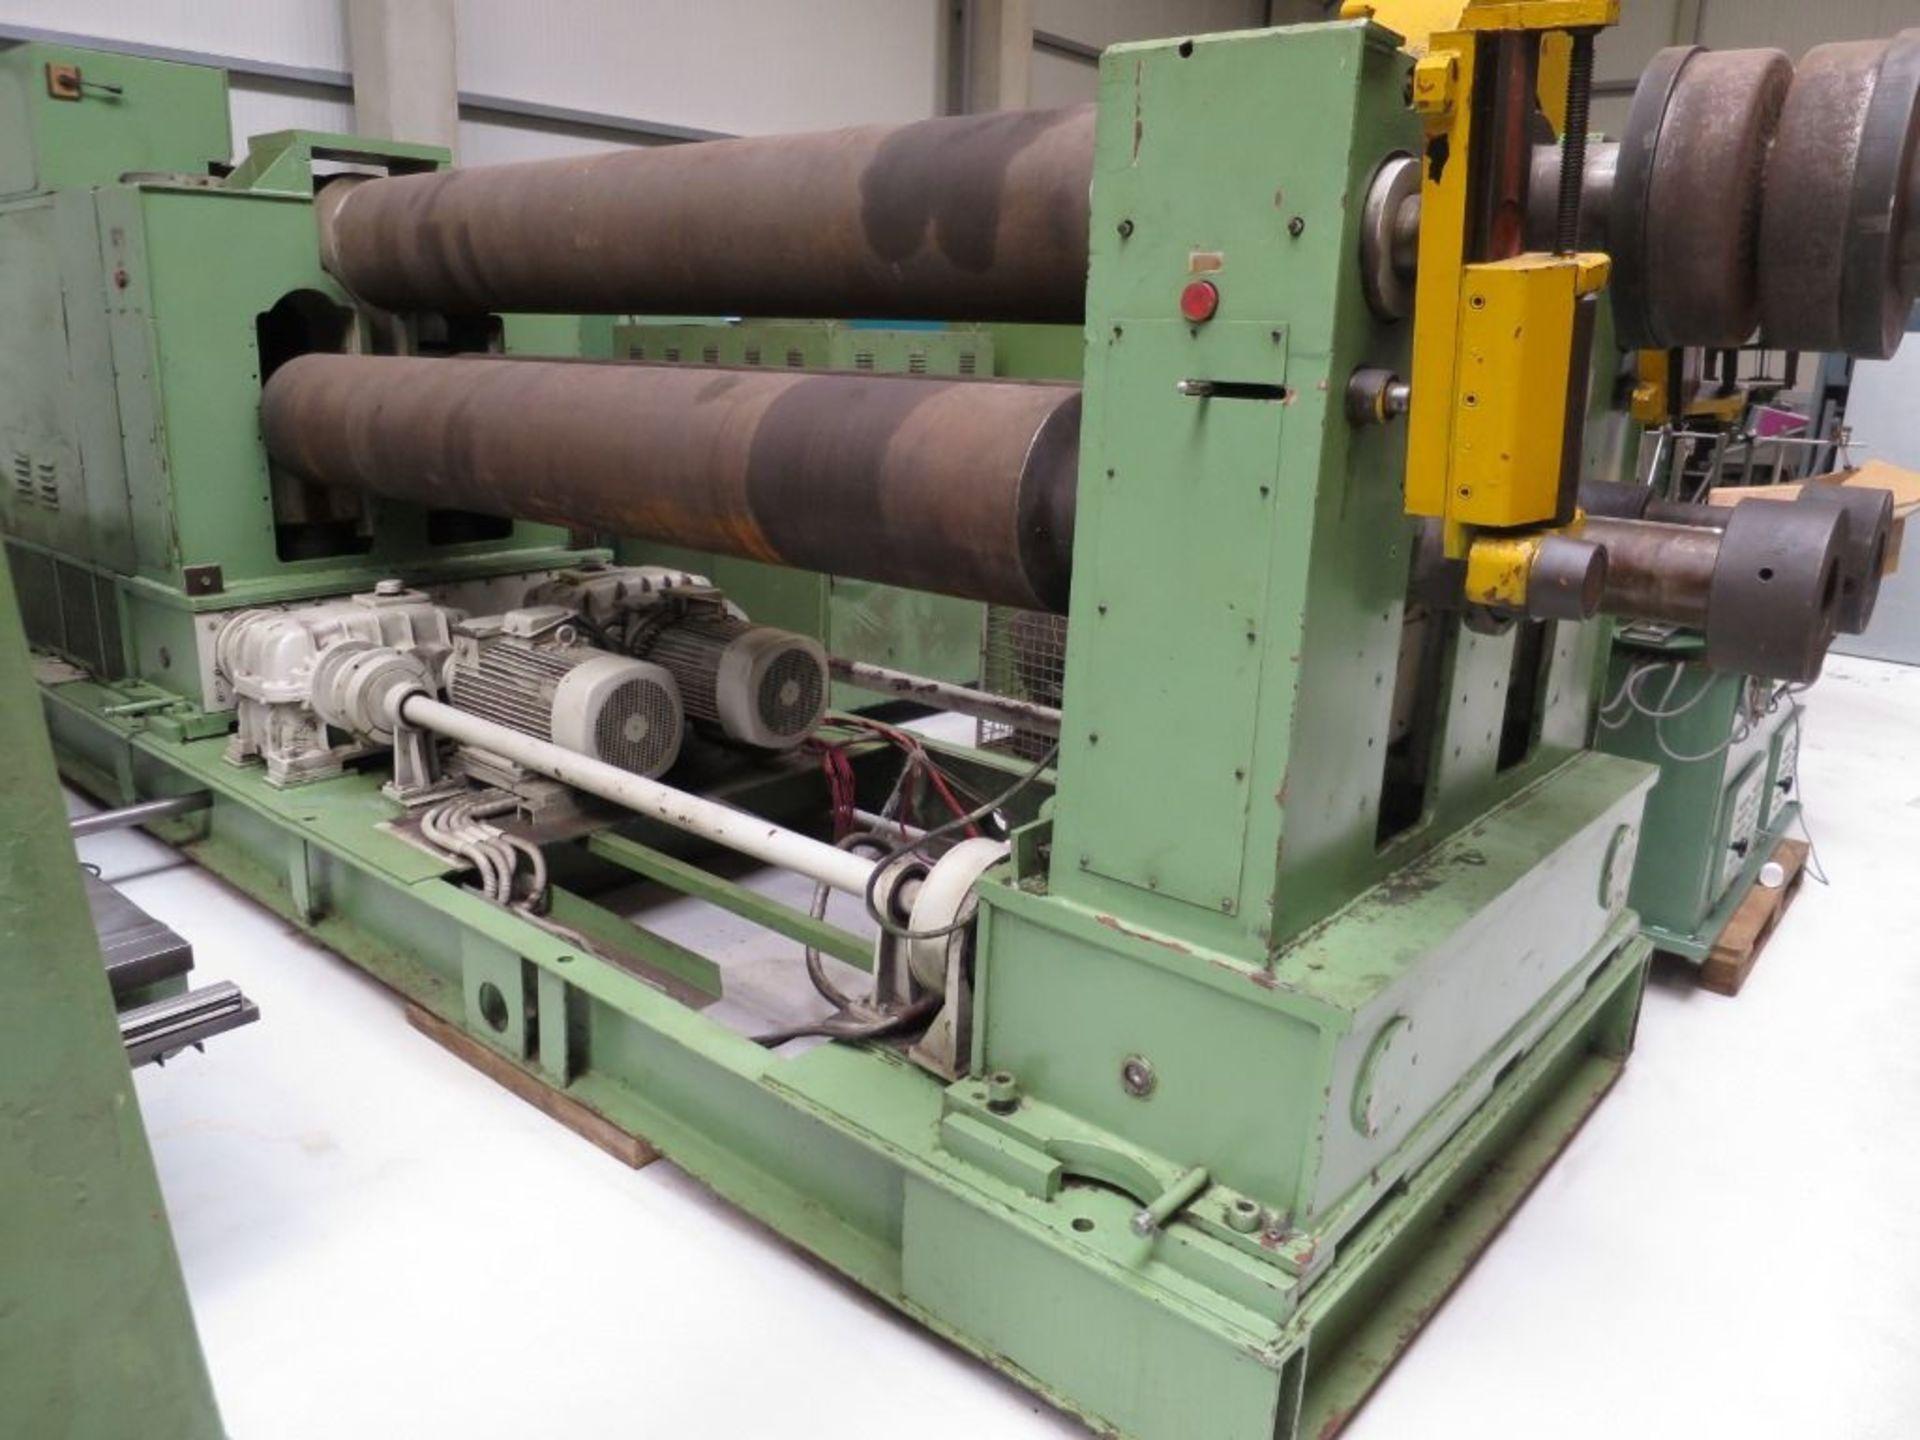 Bardzo dobra Obróbka blachy | kup używane maszyny CNC i konwencjonalne PA43